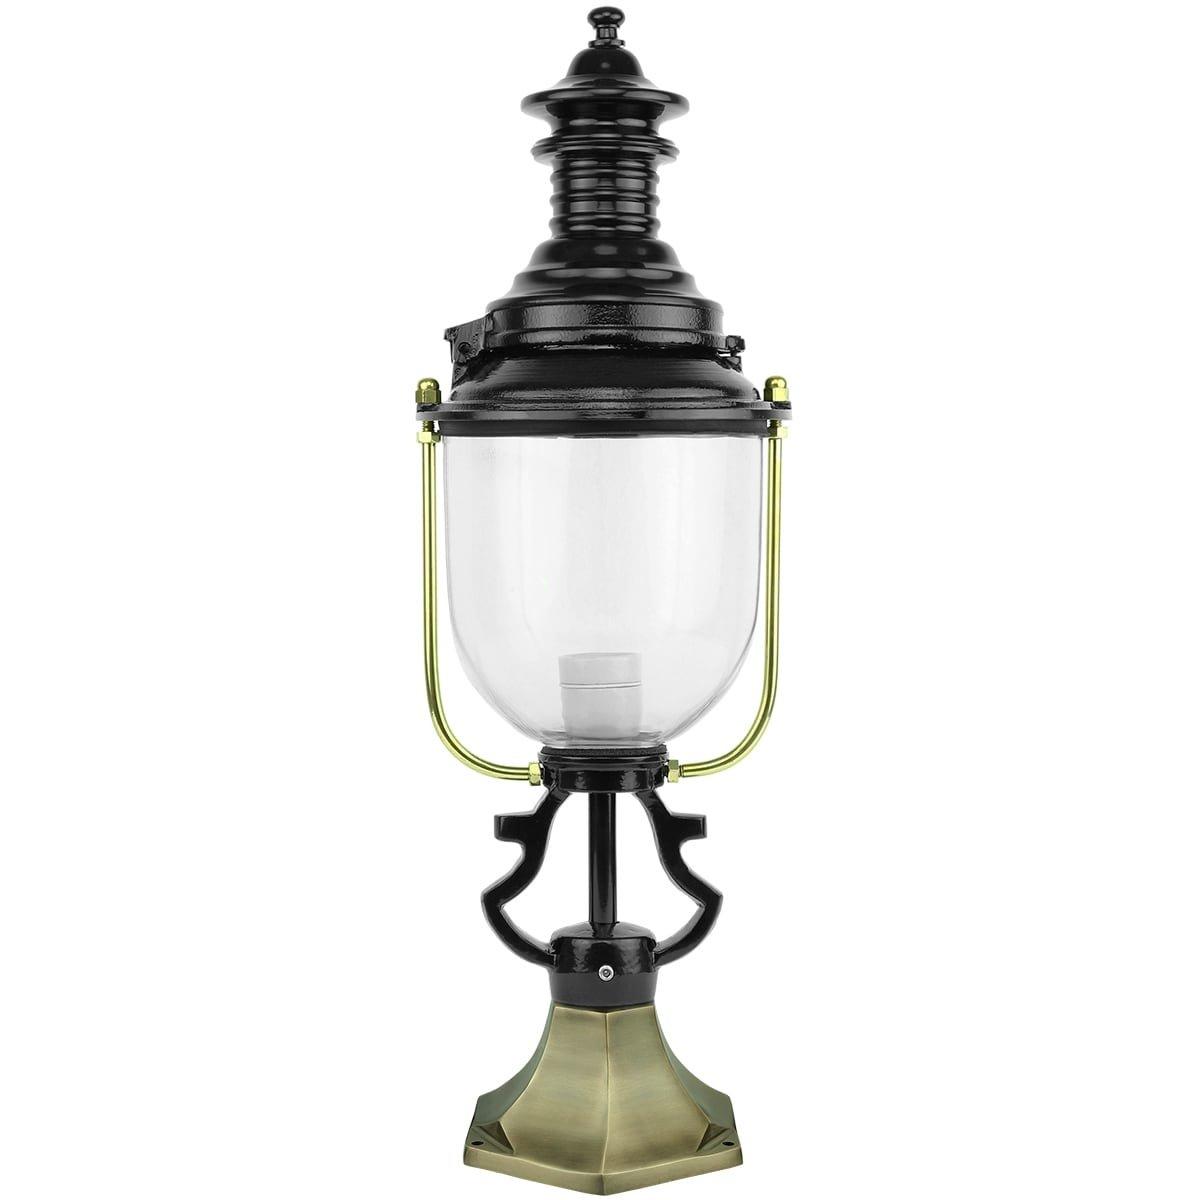 Außenbeleuchtung Klassisch Ländlich Gartenlaterne rund Franeker - 67 cm